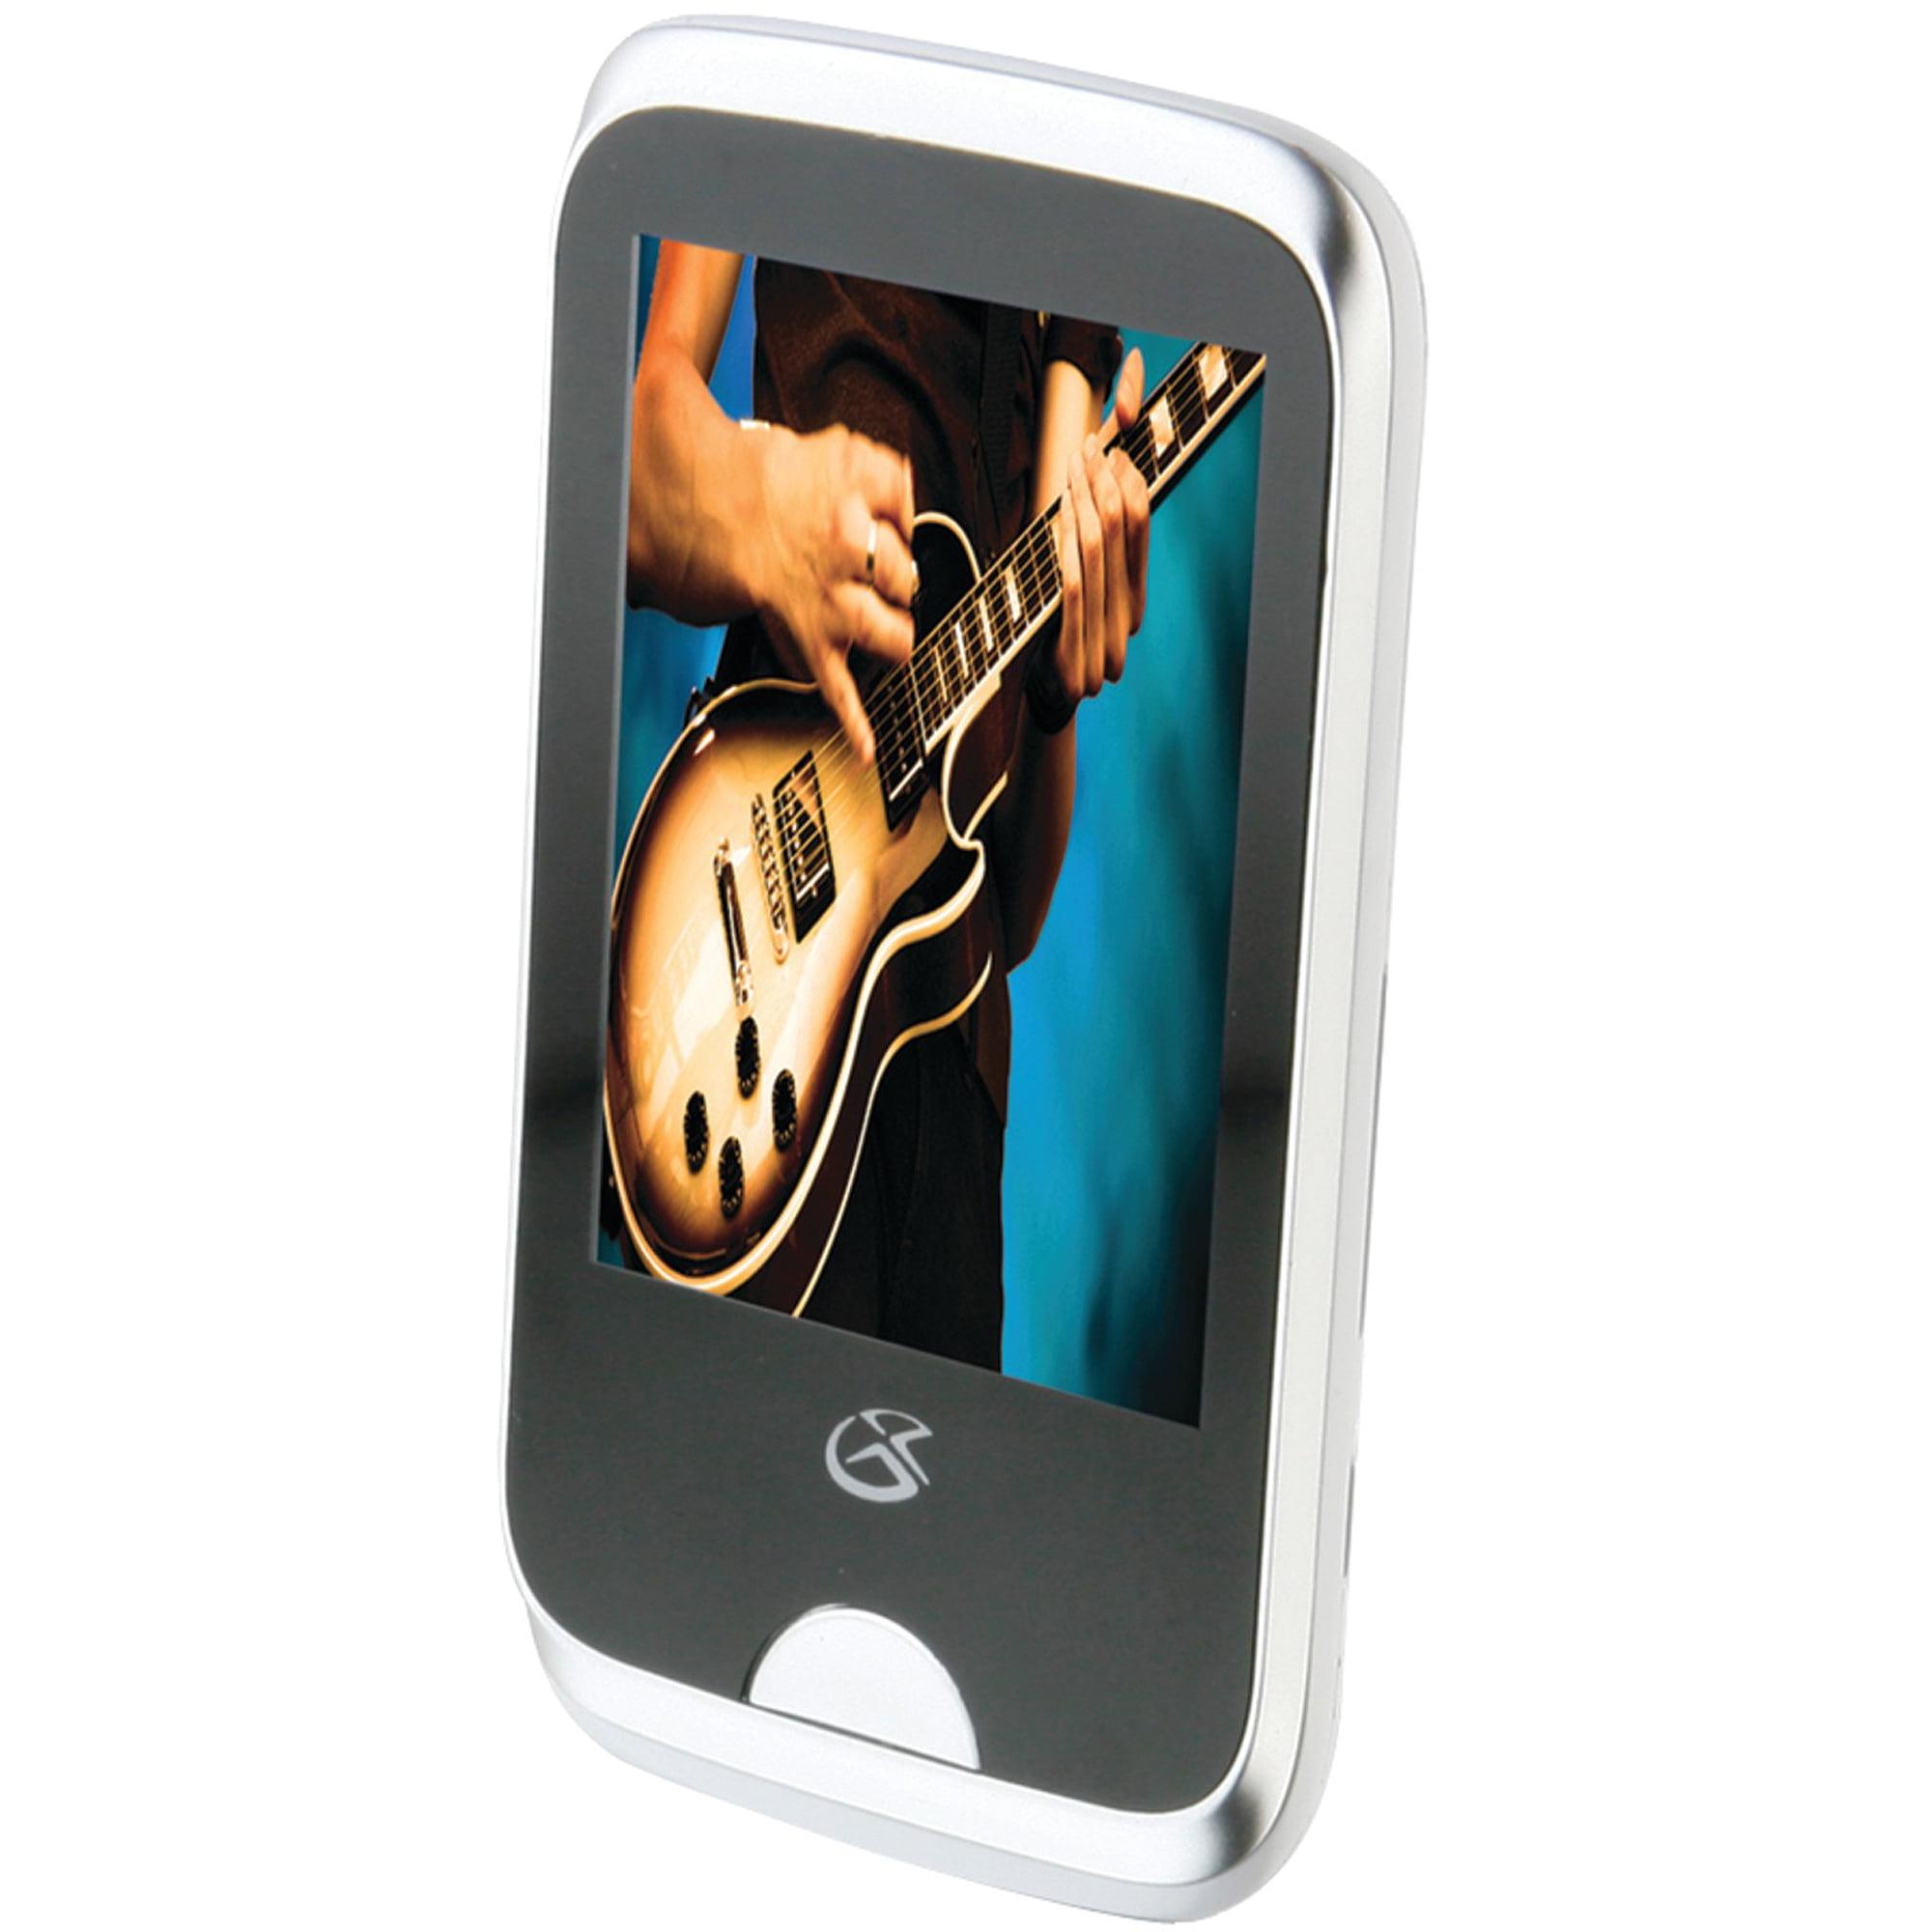 GPX MT863S 8GB Digital Media Player